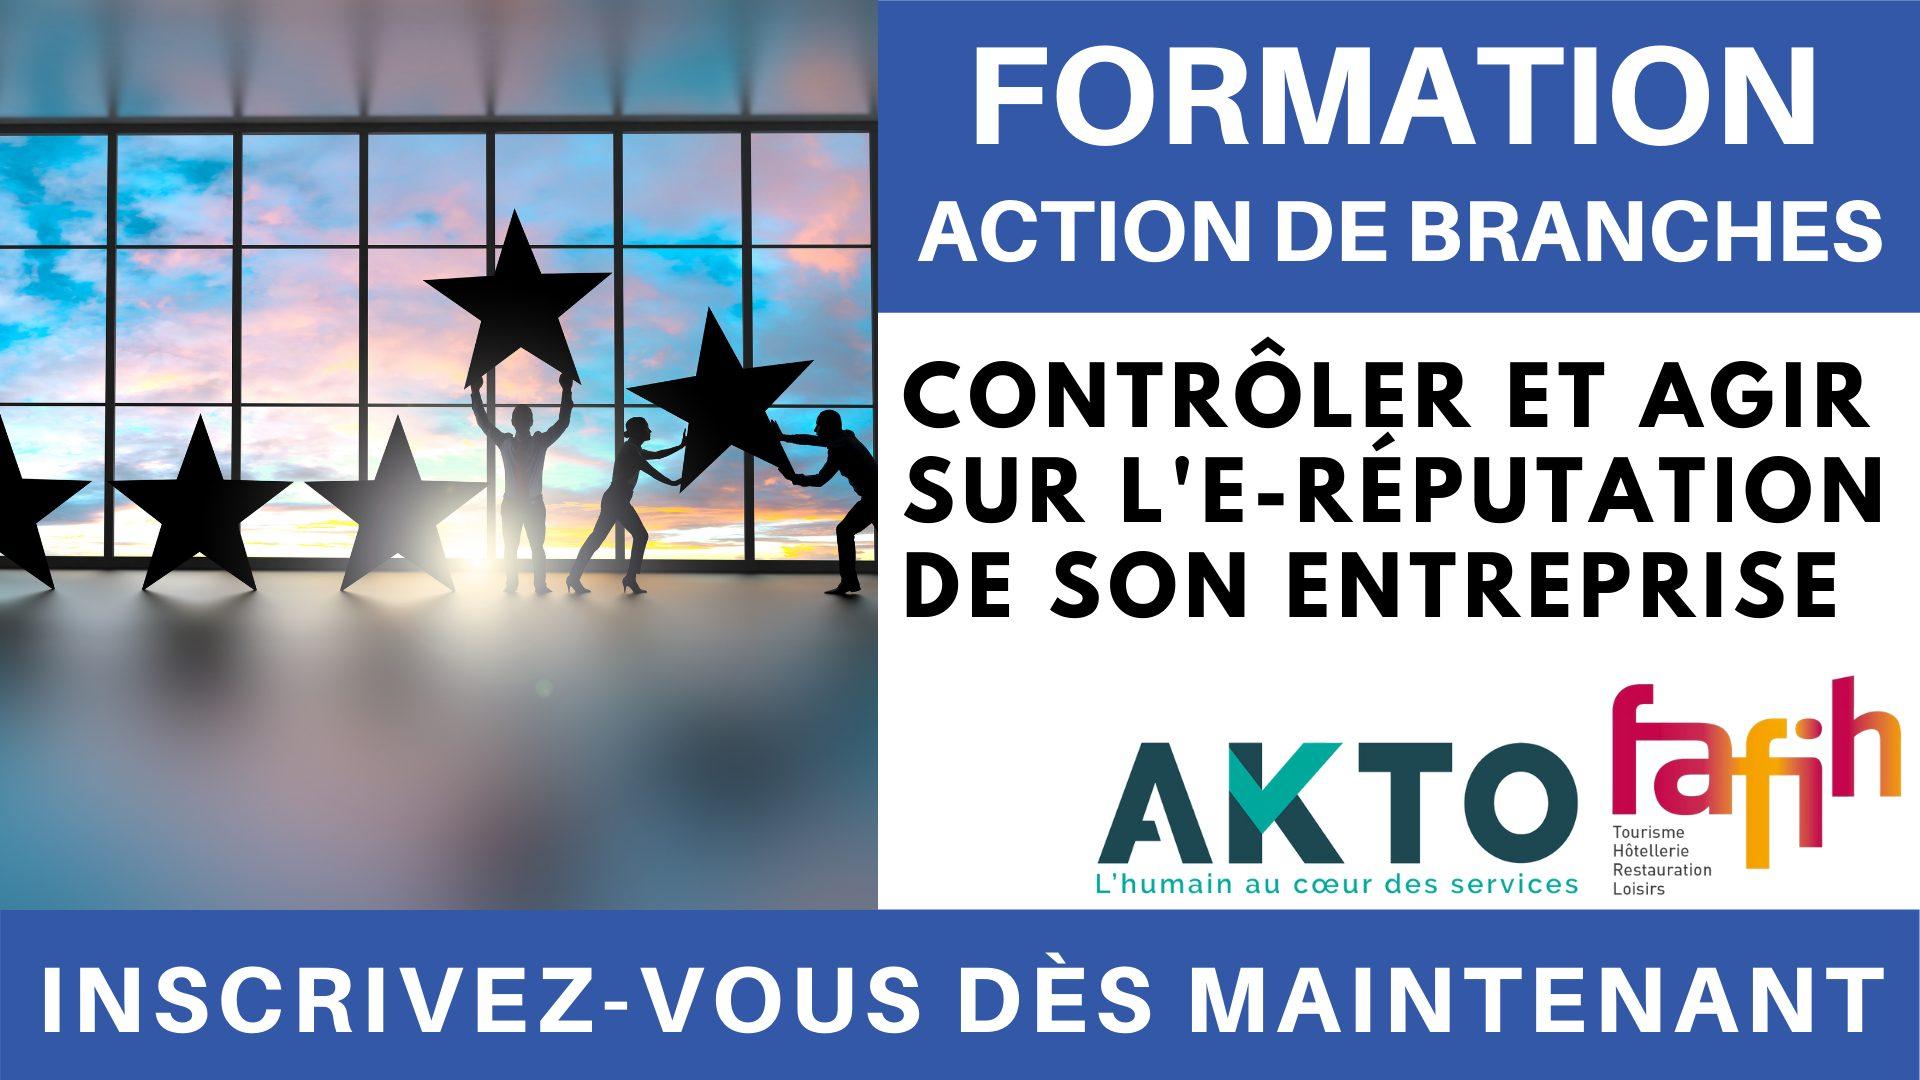 Formation Action de branches - Contrôler et agir sur l'e-réputation de son entreprise